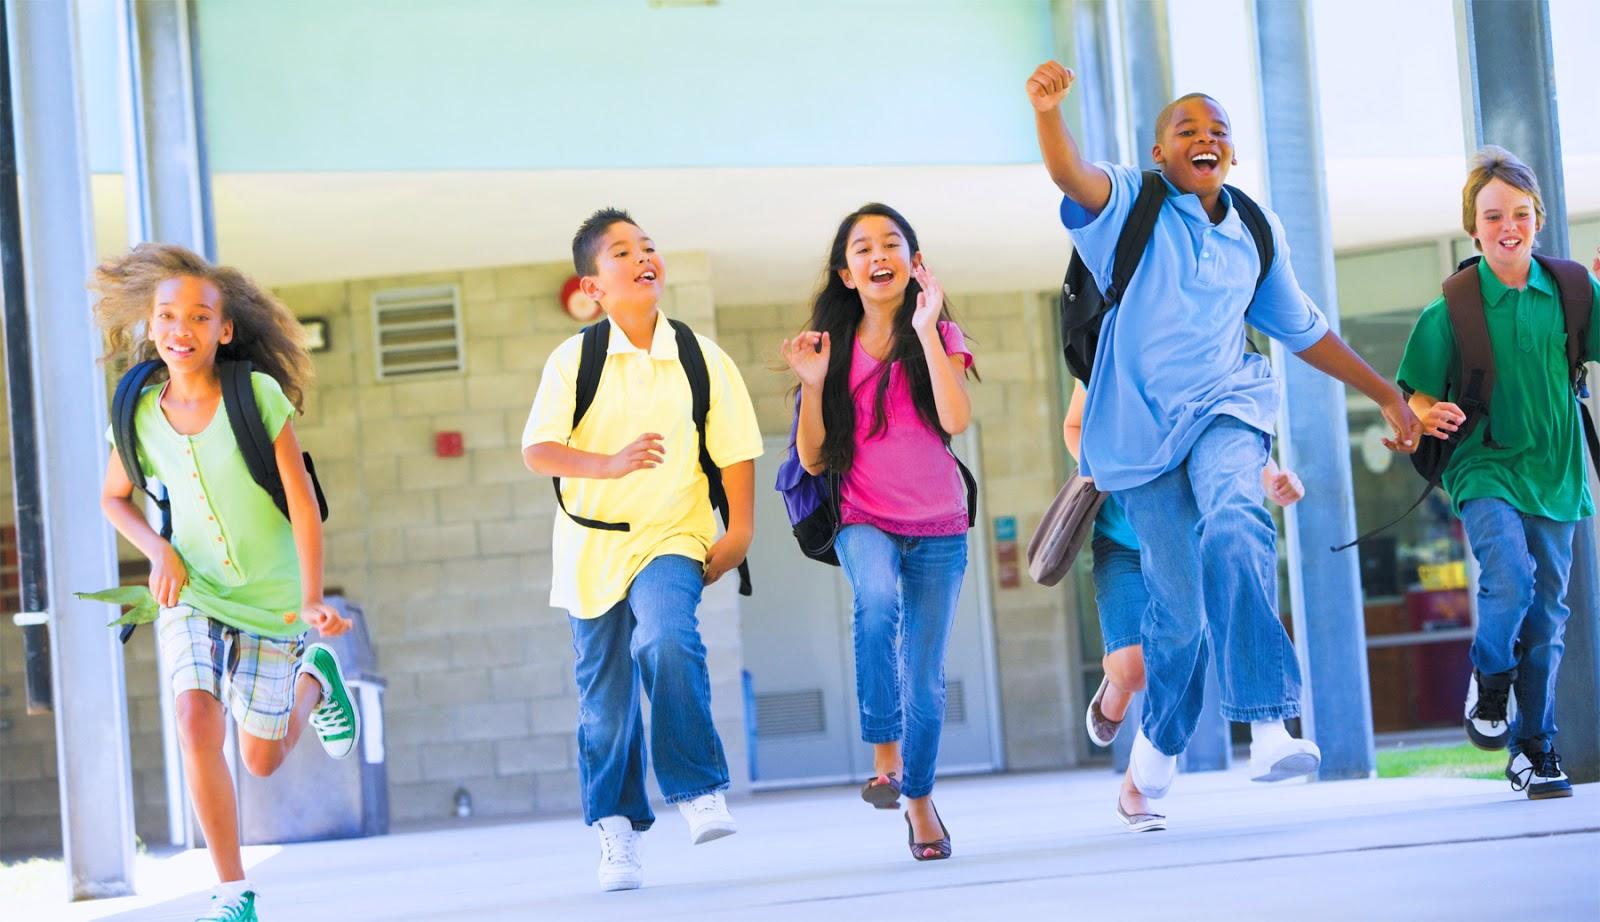 kids-leaving-school.jpg